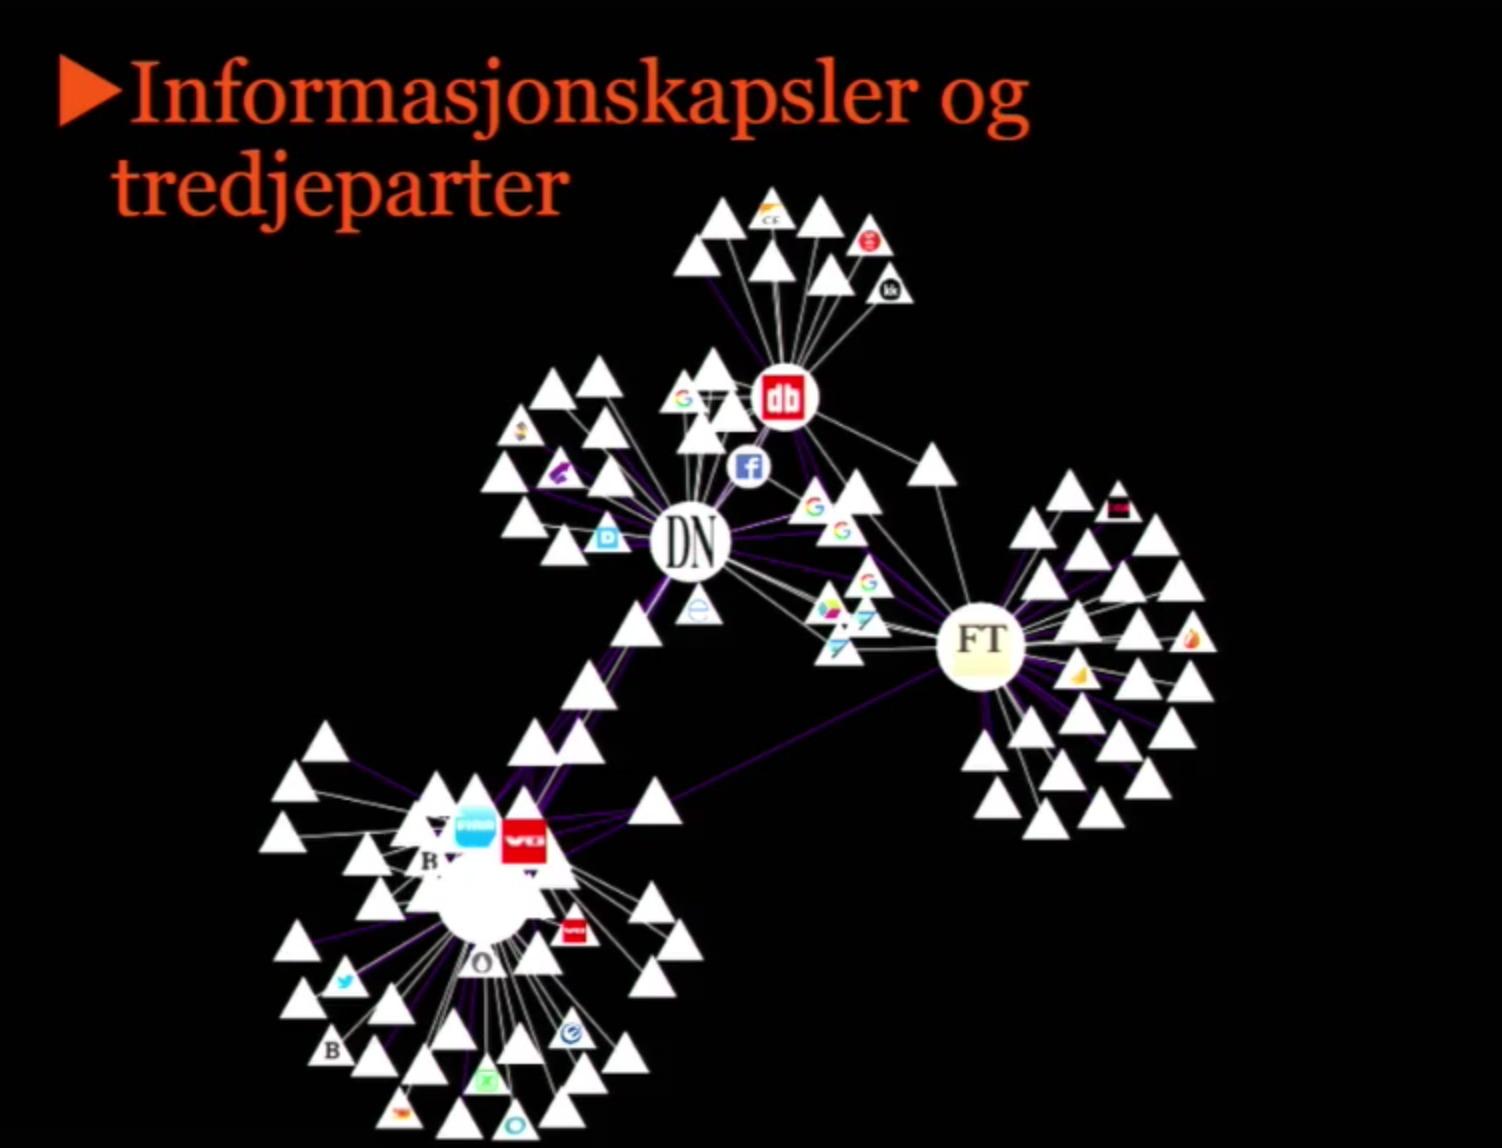 Antall tredjeparter og informasjonskapsler viste seg å være 109 totalt ved besøk på disse sidene.